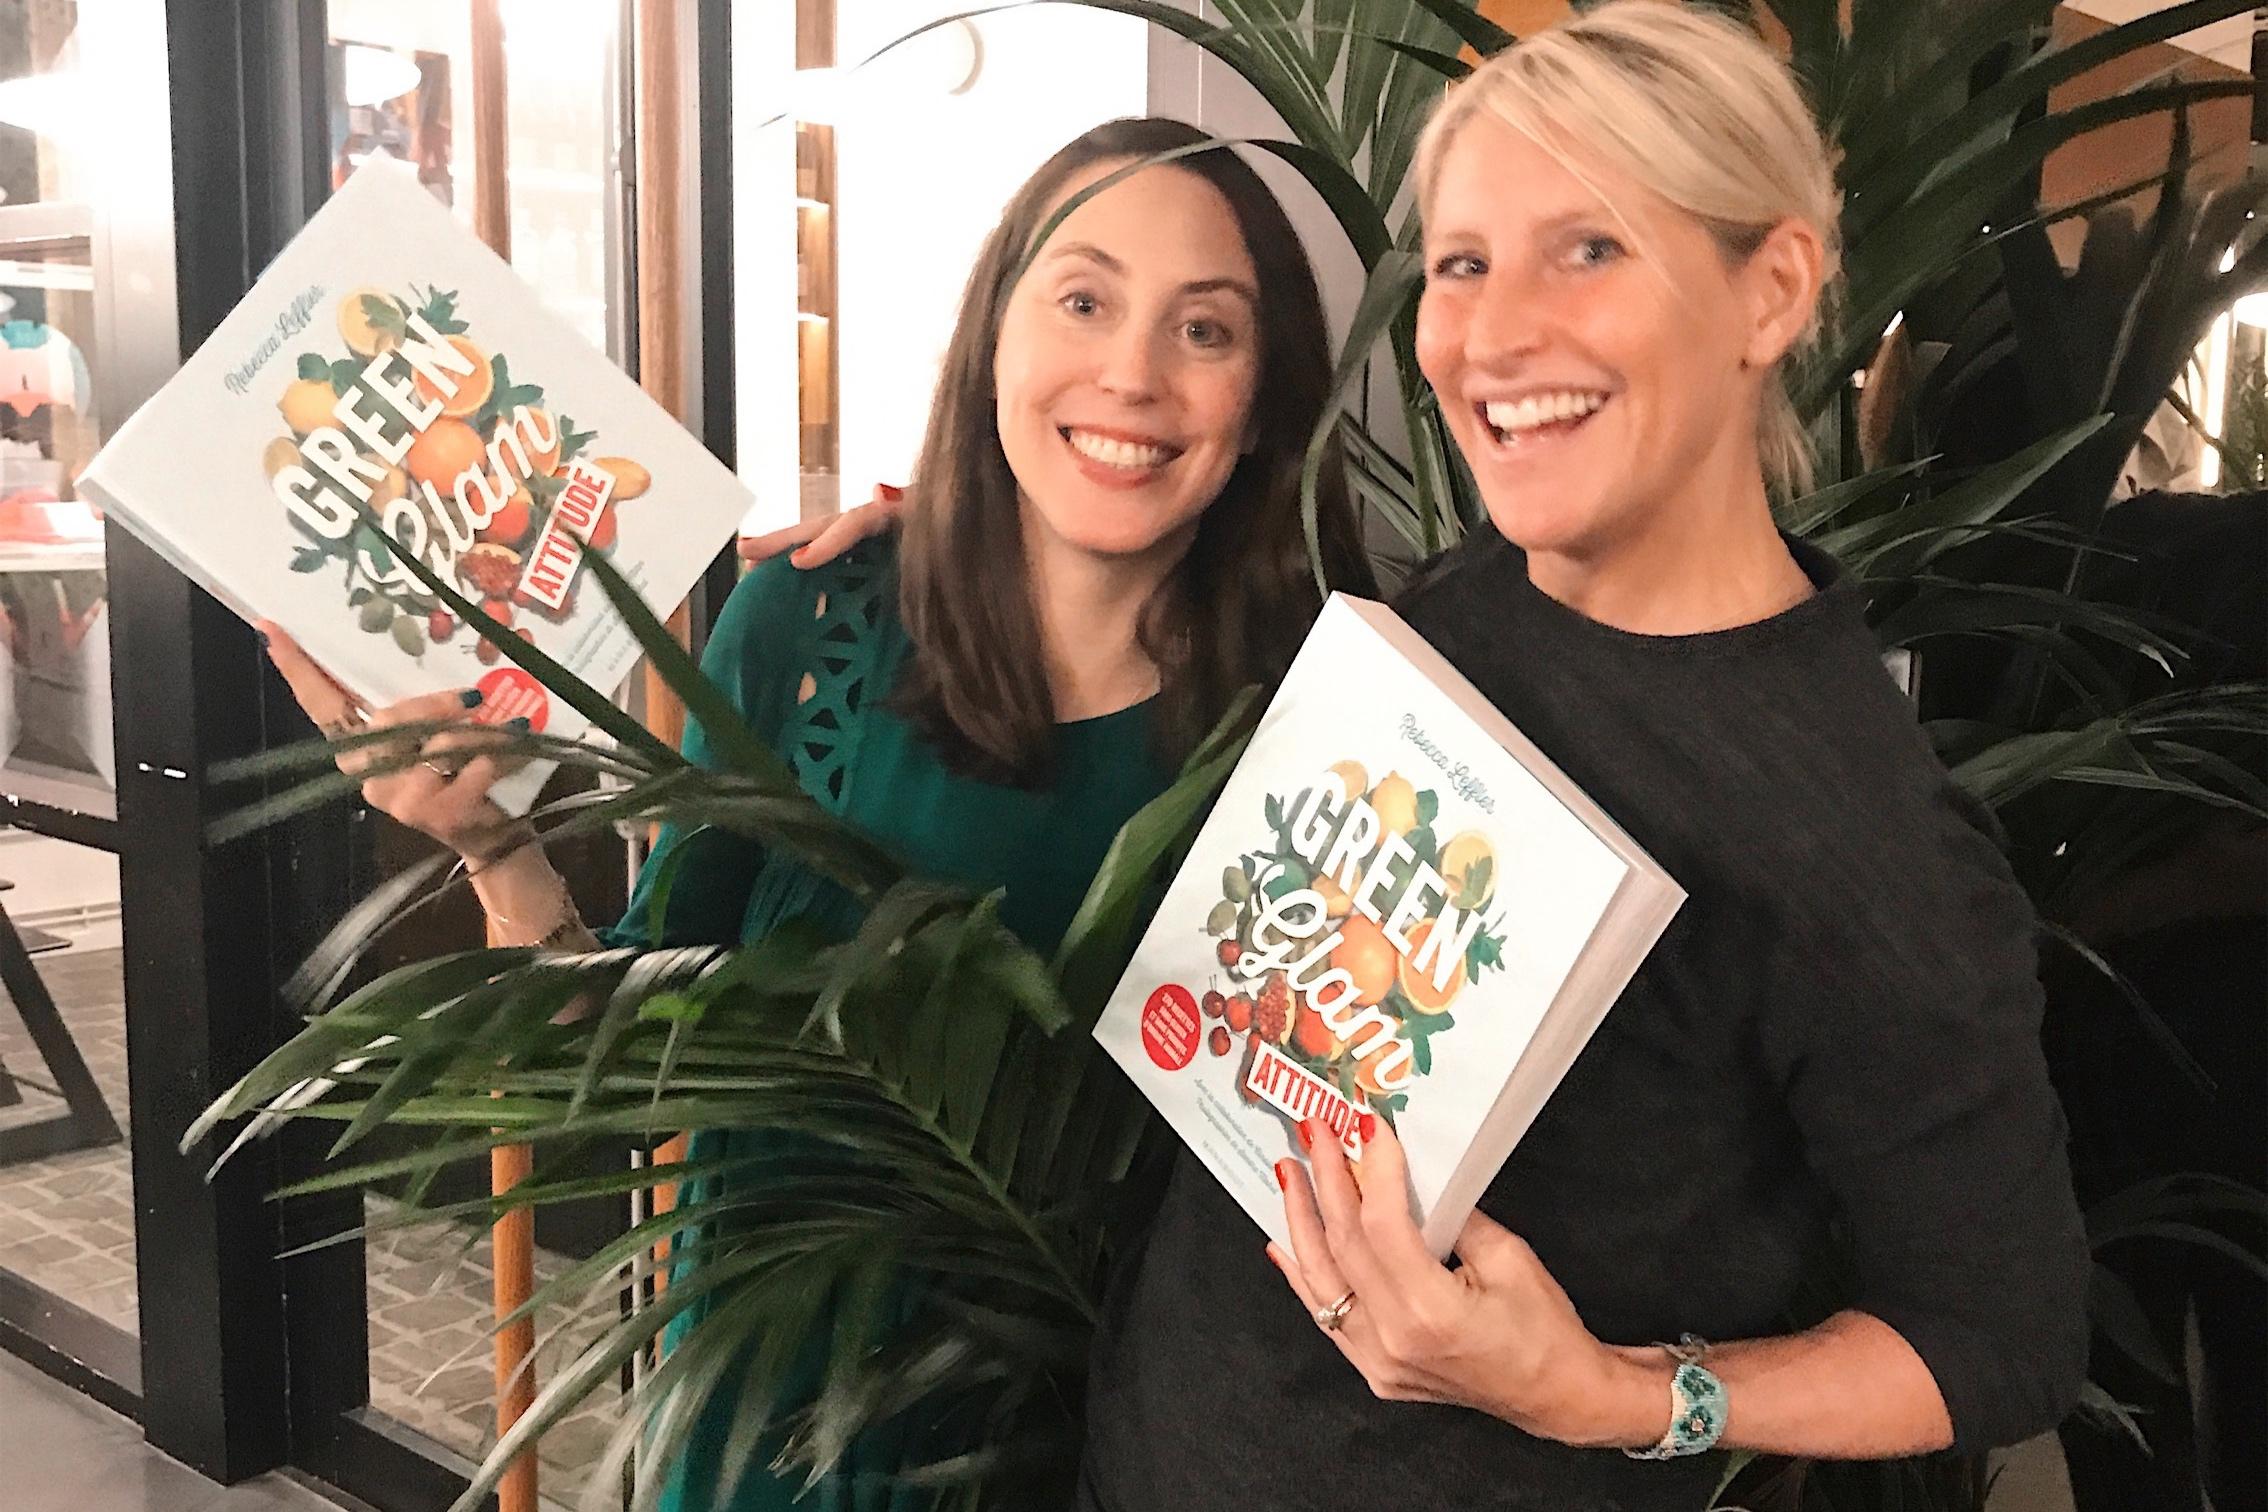 Rebecca Leffler and Susan Oubari at Green Glam book release in Paris, October 2017.